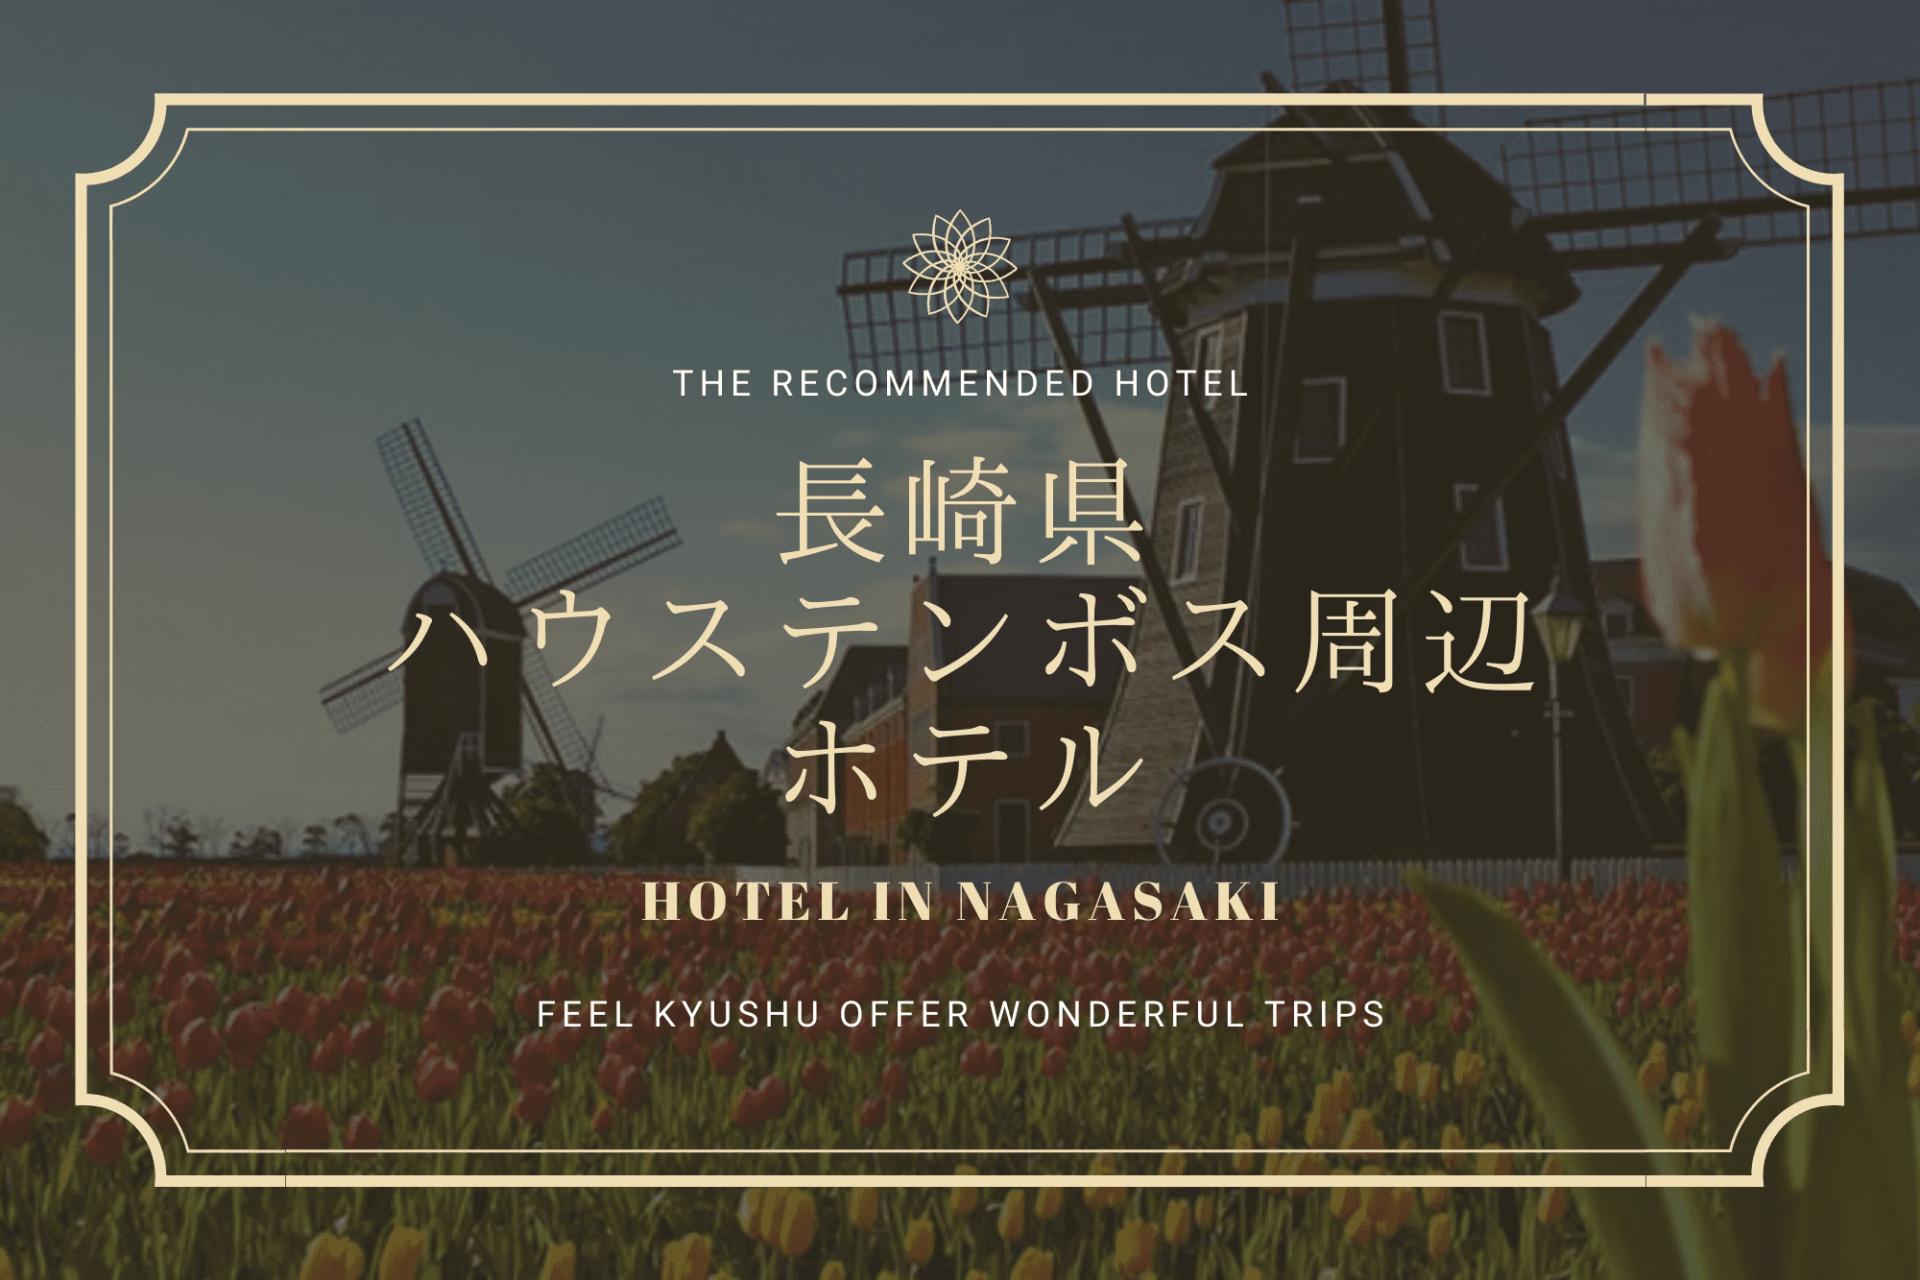 長崎 ハウステンボス ホテル 佐世保市 九州 旅行 観光 おすすめ